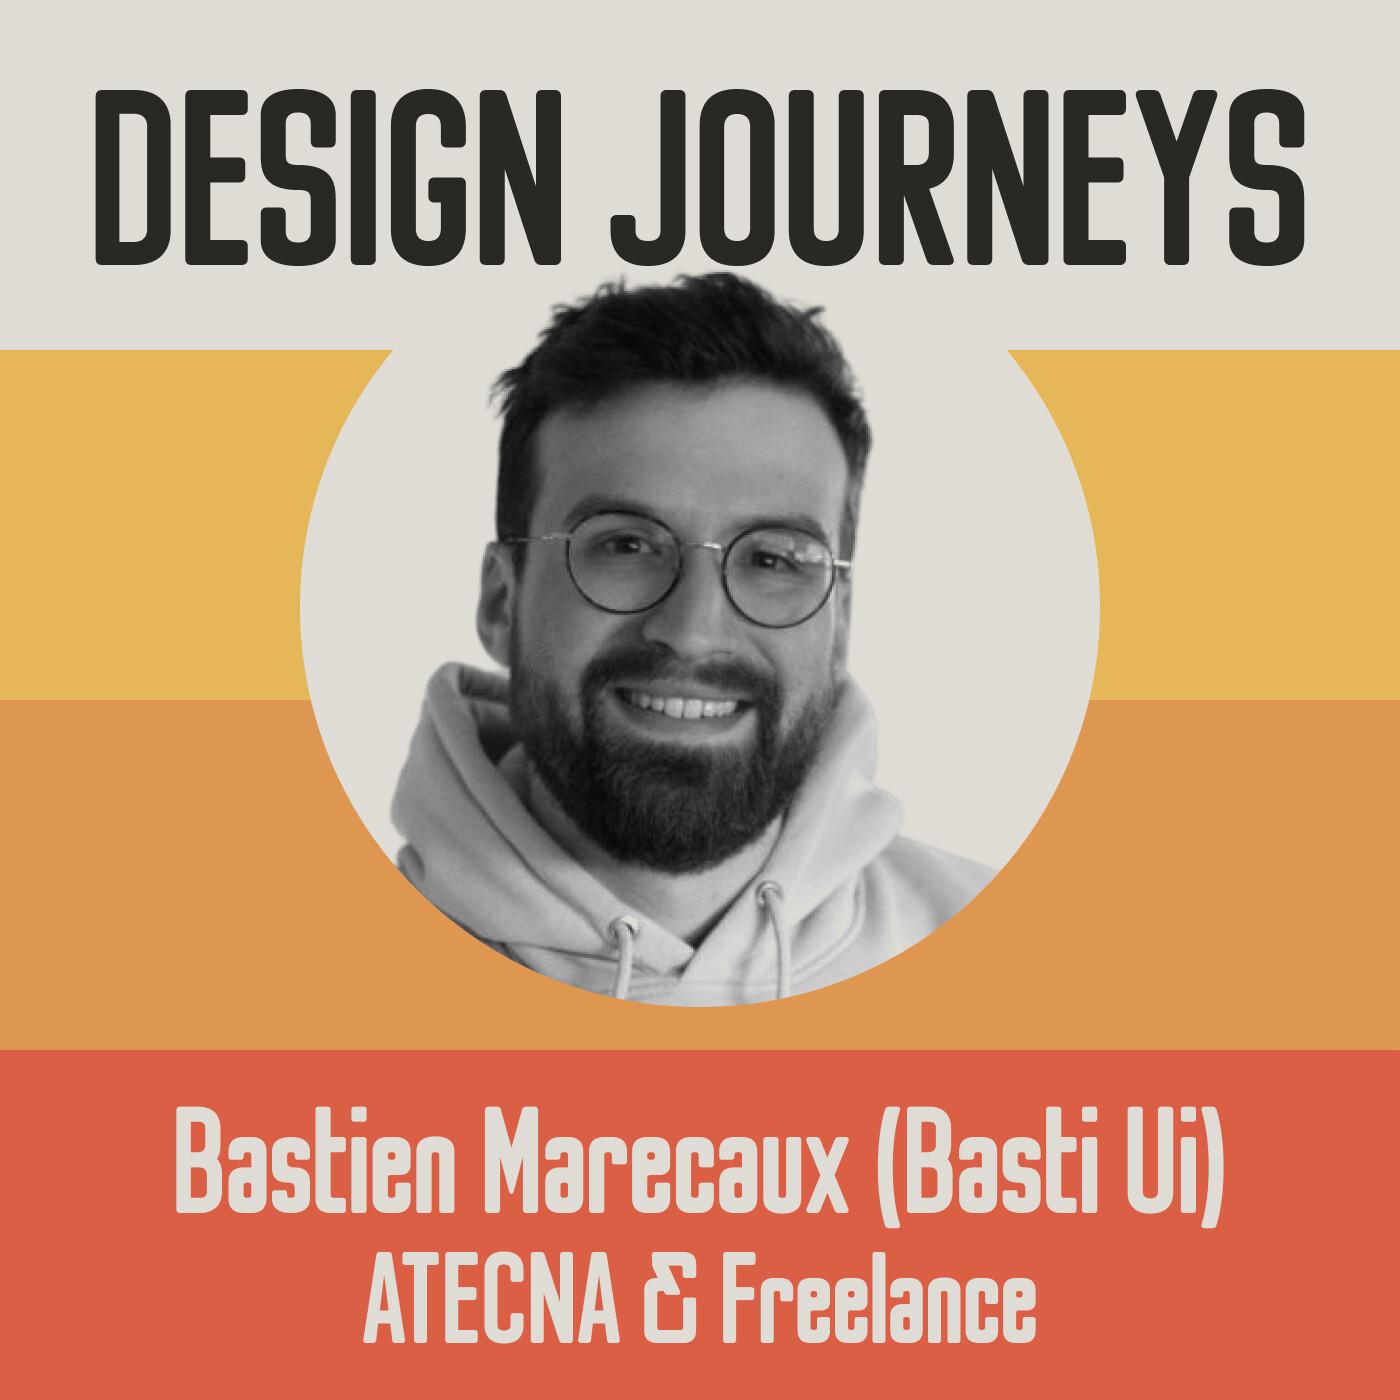 #22 Bastien Marécaux (Basti Ui) - ATECNA & Freelance - Partager ses connaissances pour progresser ensemble